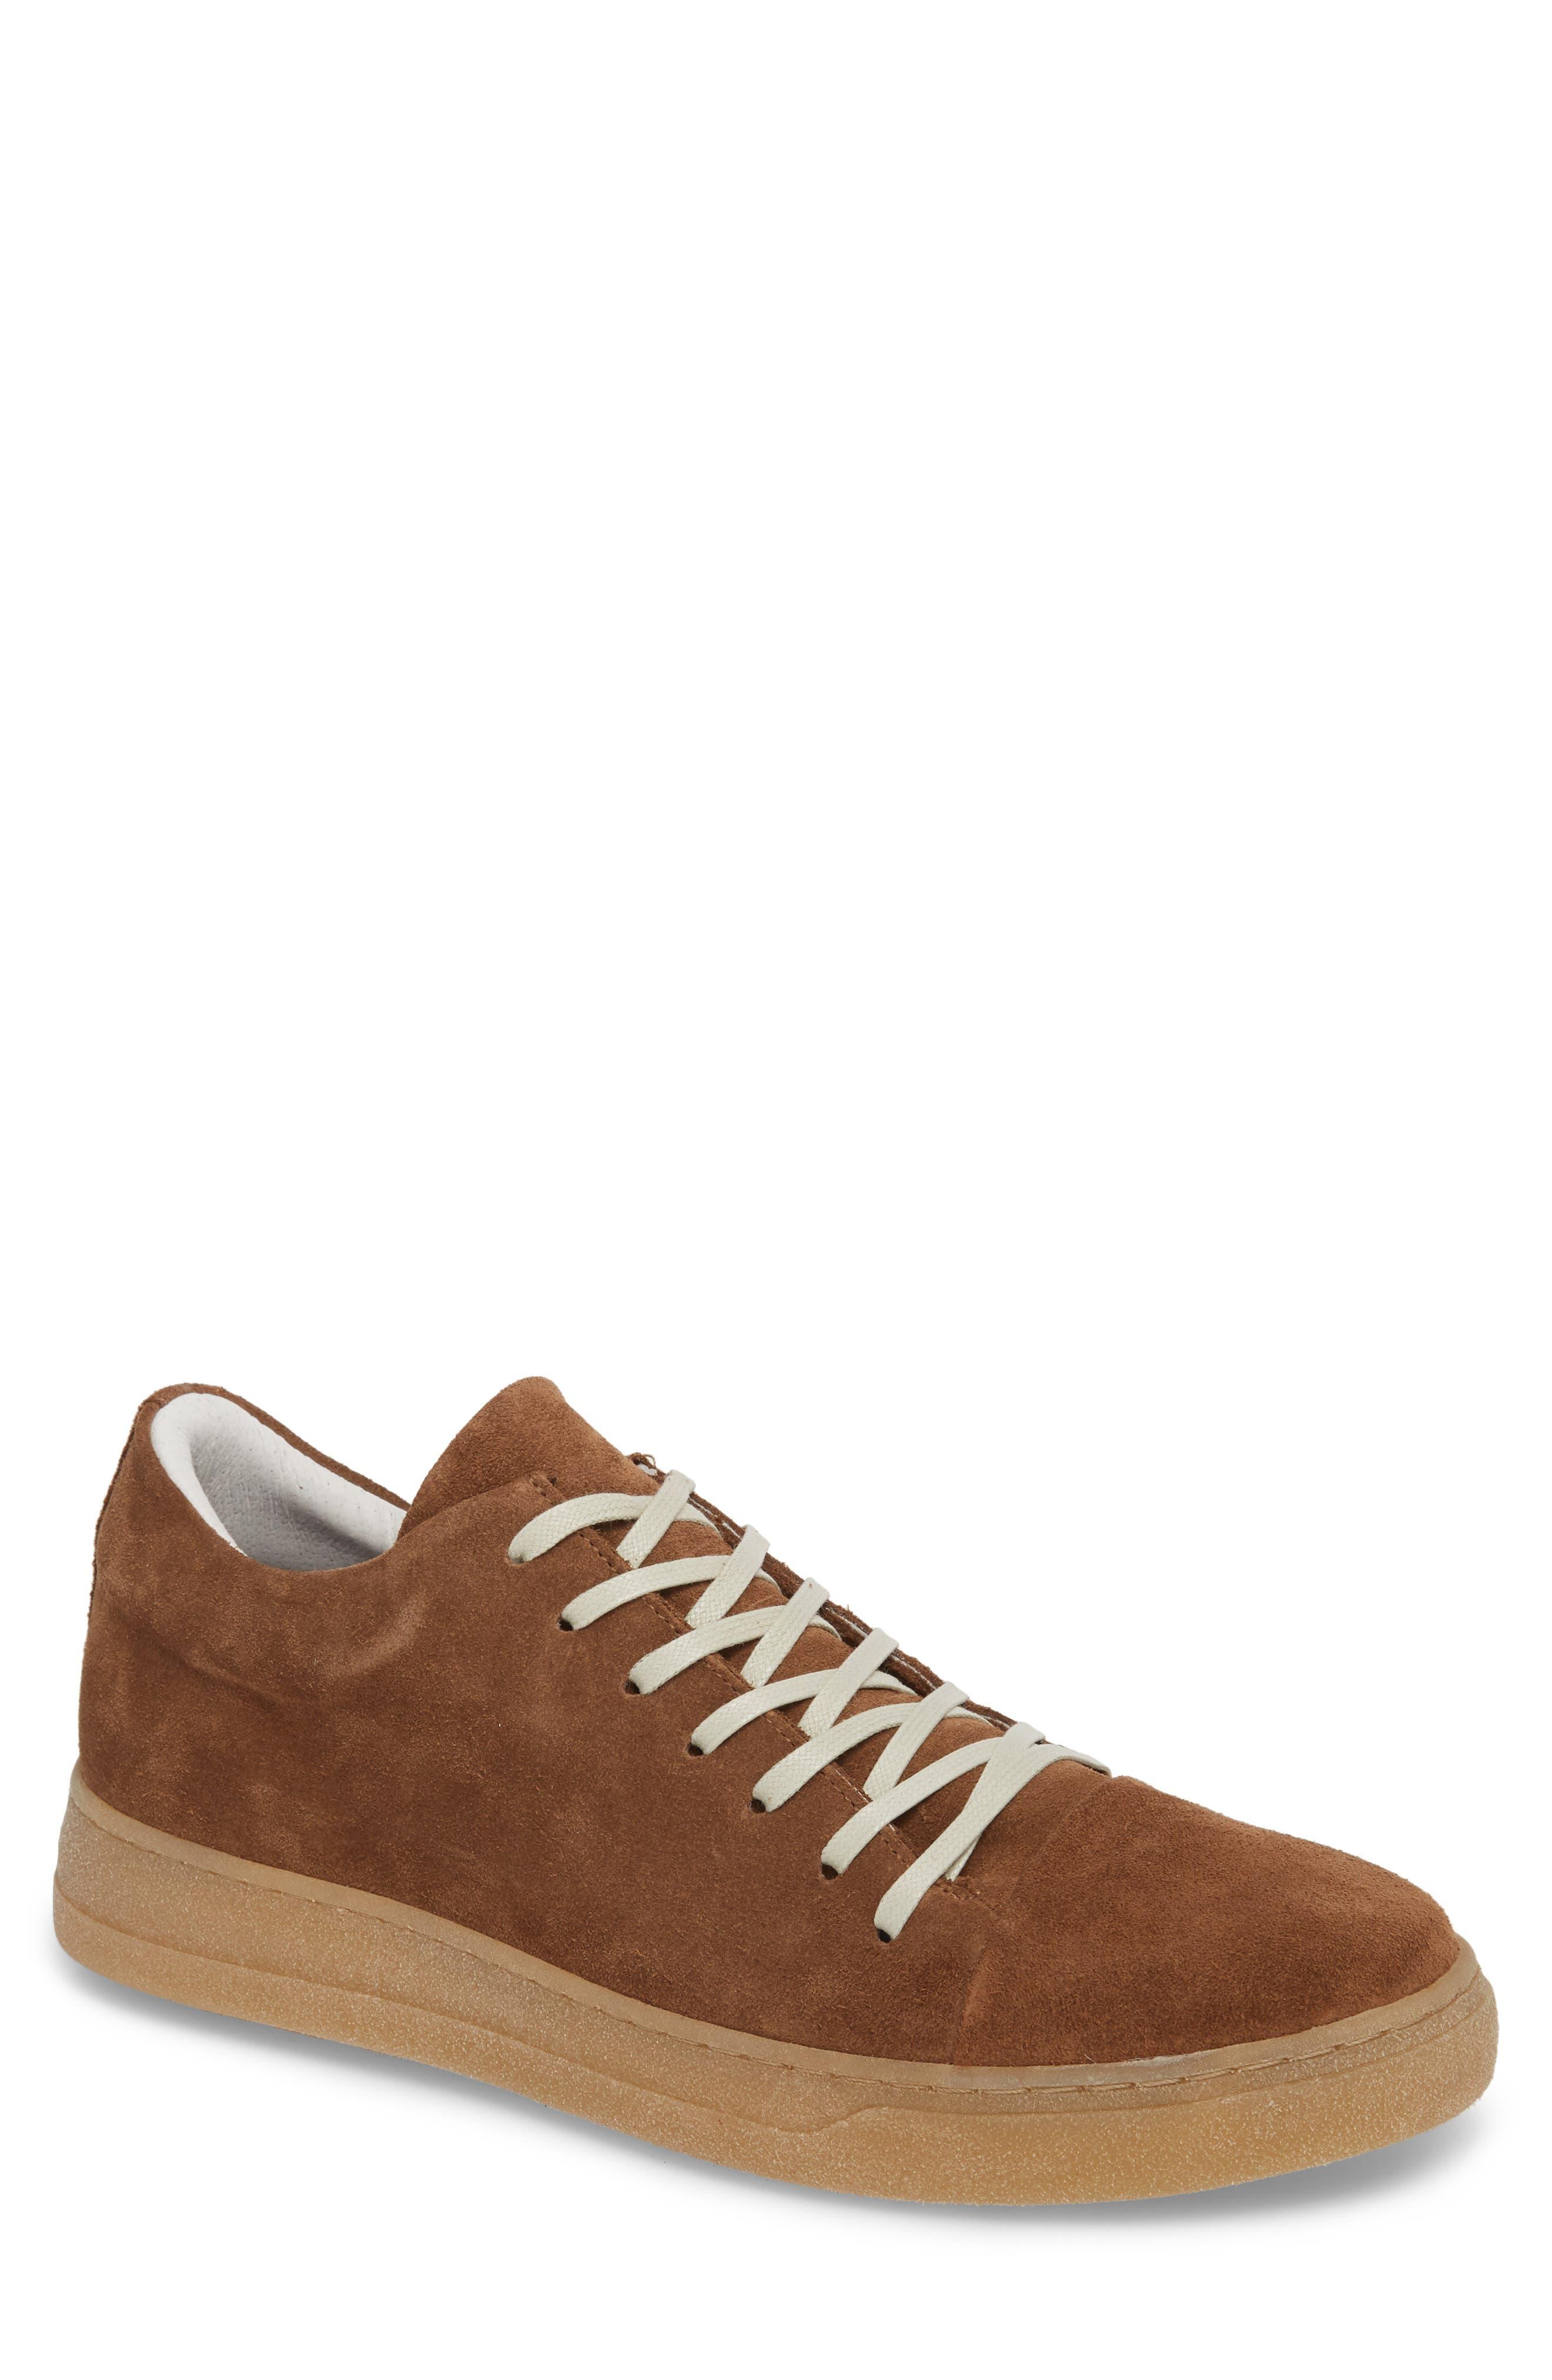 PAJAR,                             Rex Water Resistant Sneaker,                             Main thumbnail 1, color,                             249